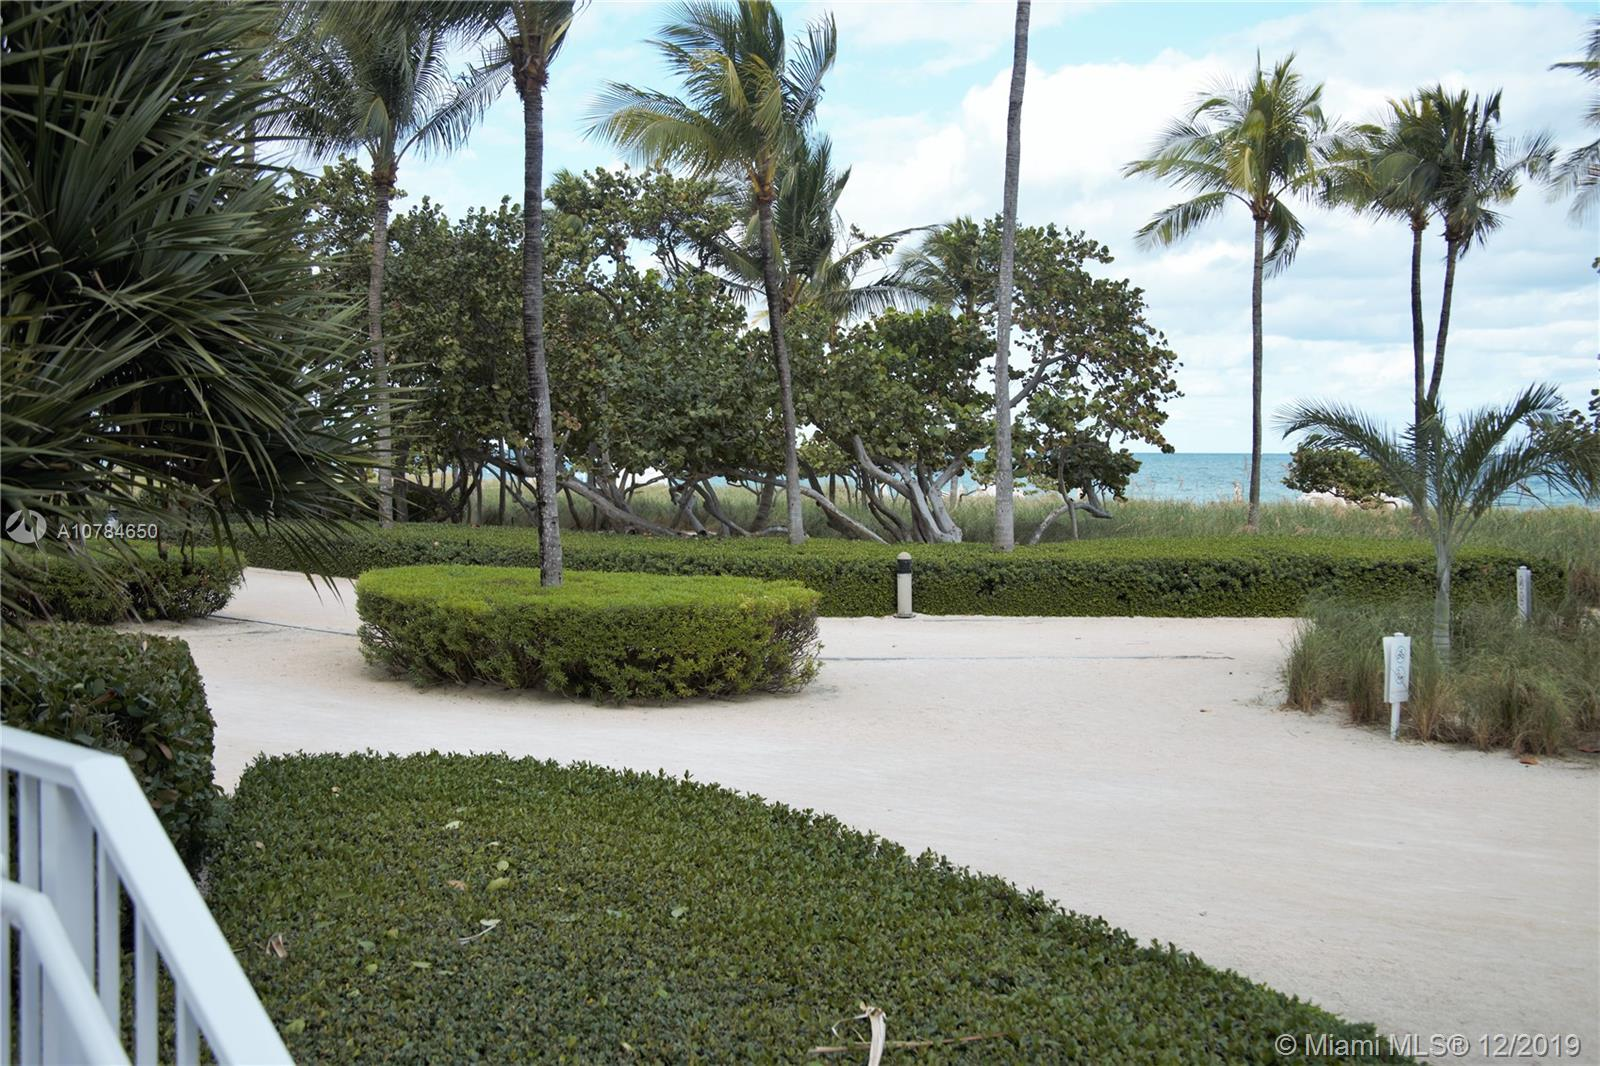 10155 Collins-710 miami-beach-fl-33154-a10784650-Pic29